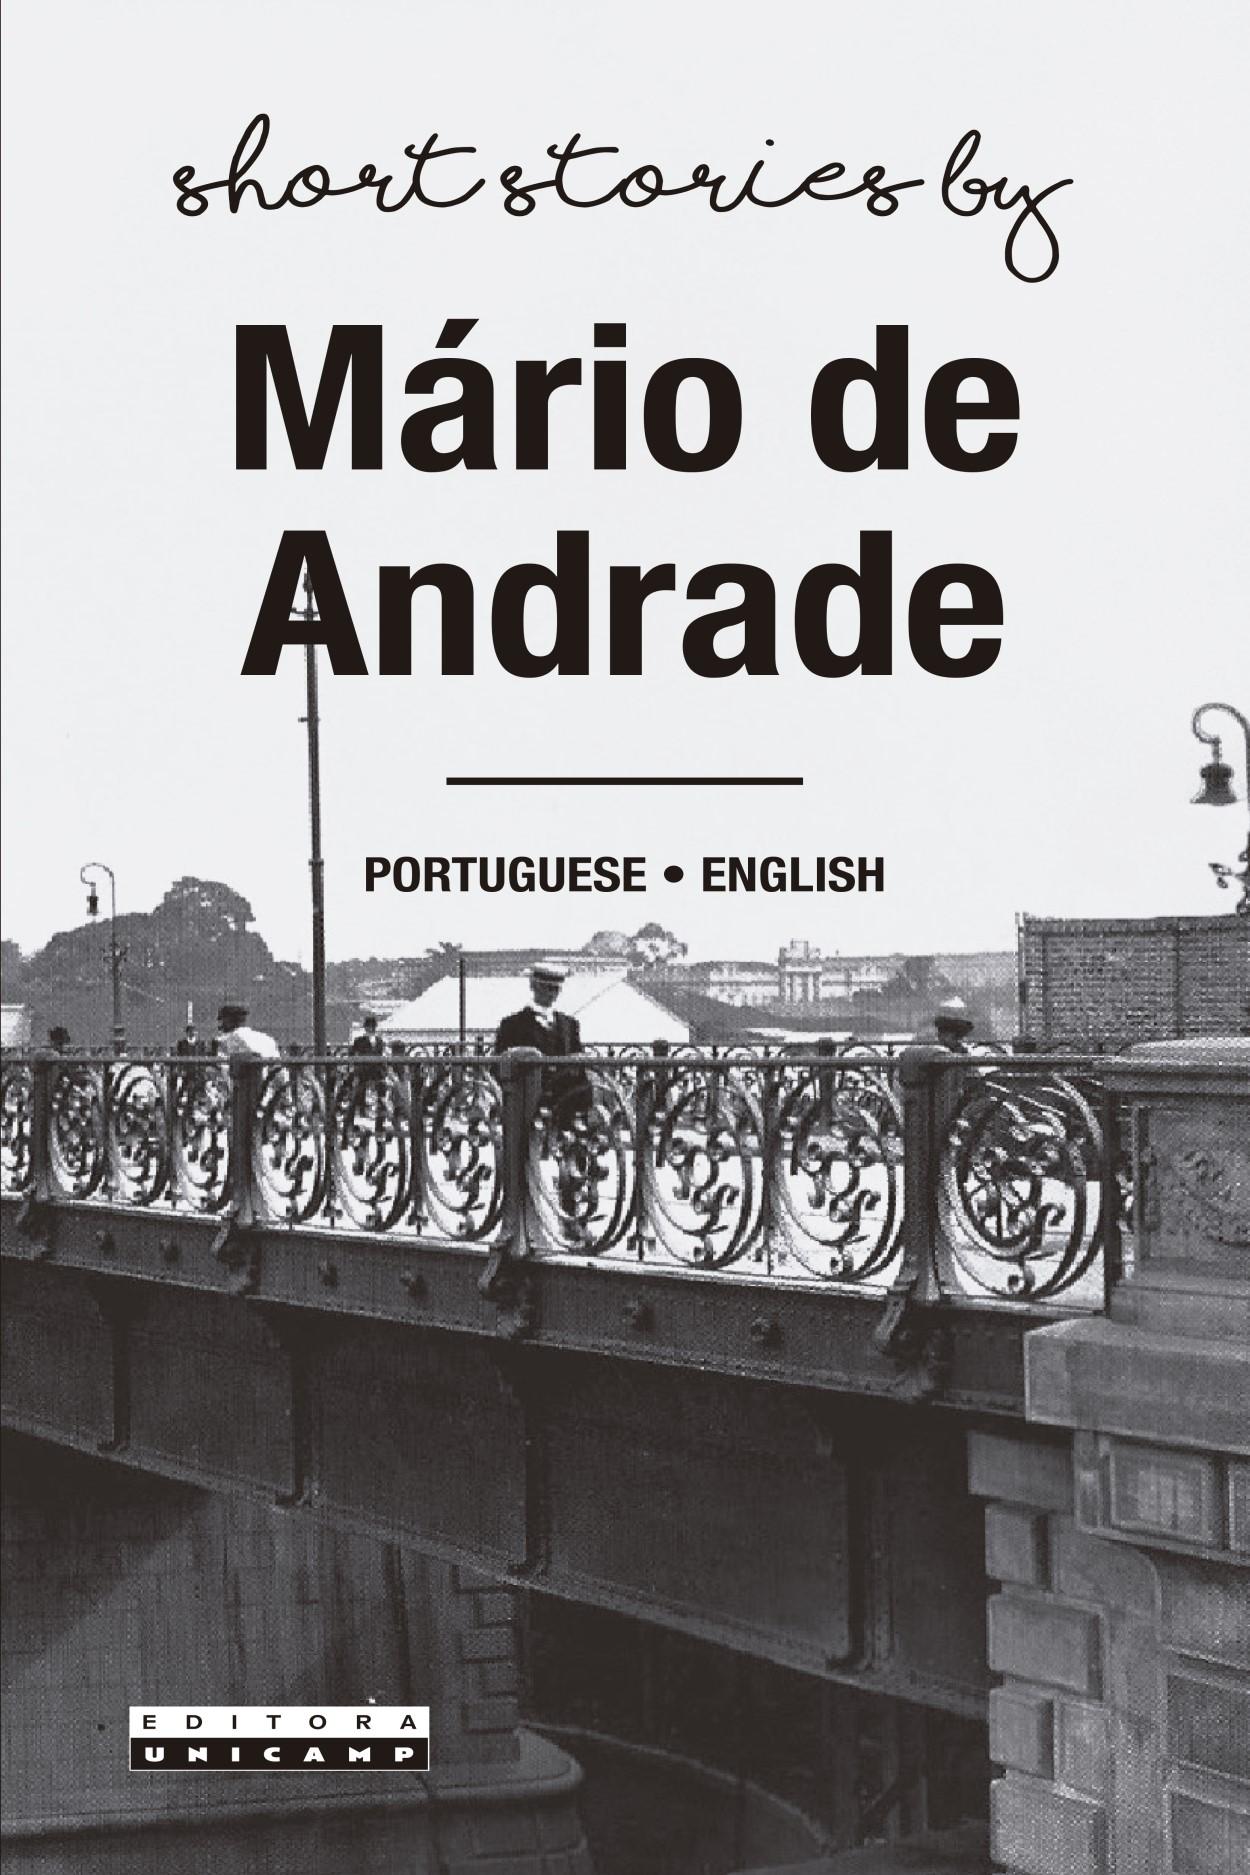 Contos de Mário de Andrade, livro de Mário de Andrade